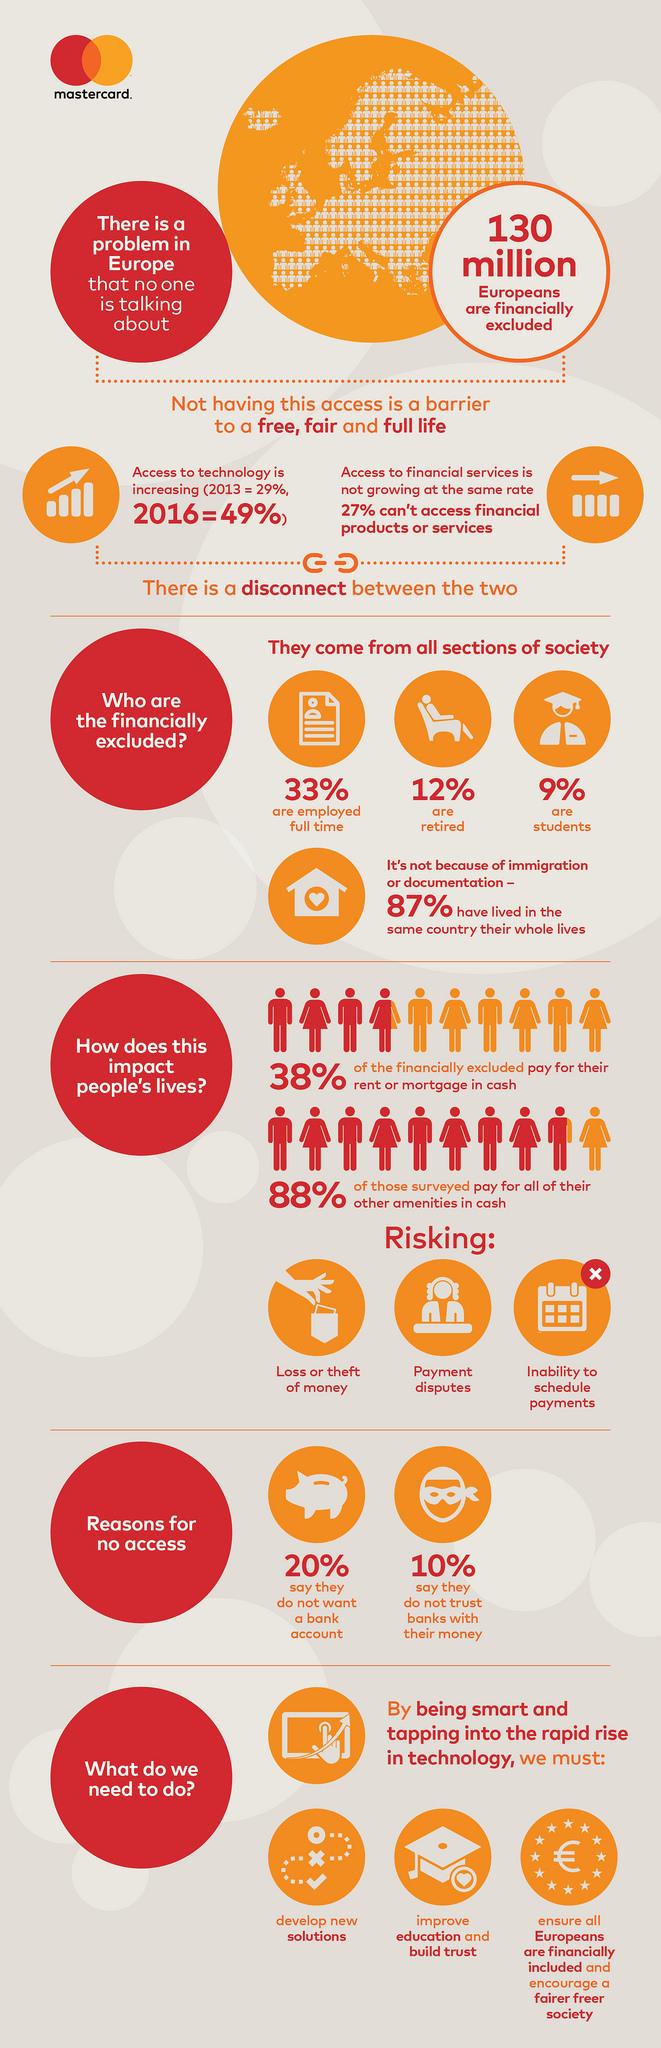 mastercard-wykluczenie-finansowe-infografika